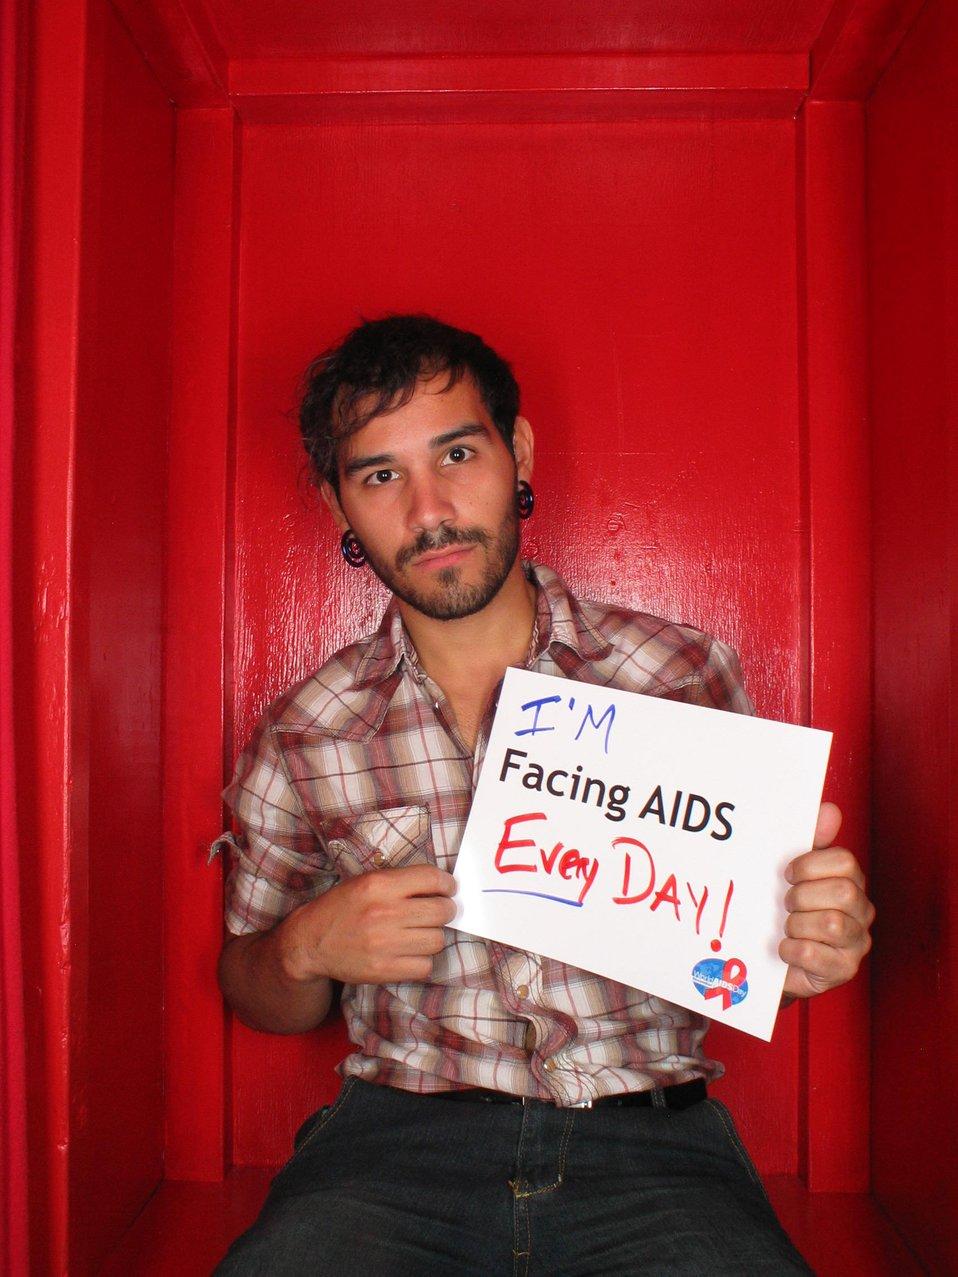 I'm Facing AIDS everyday!